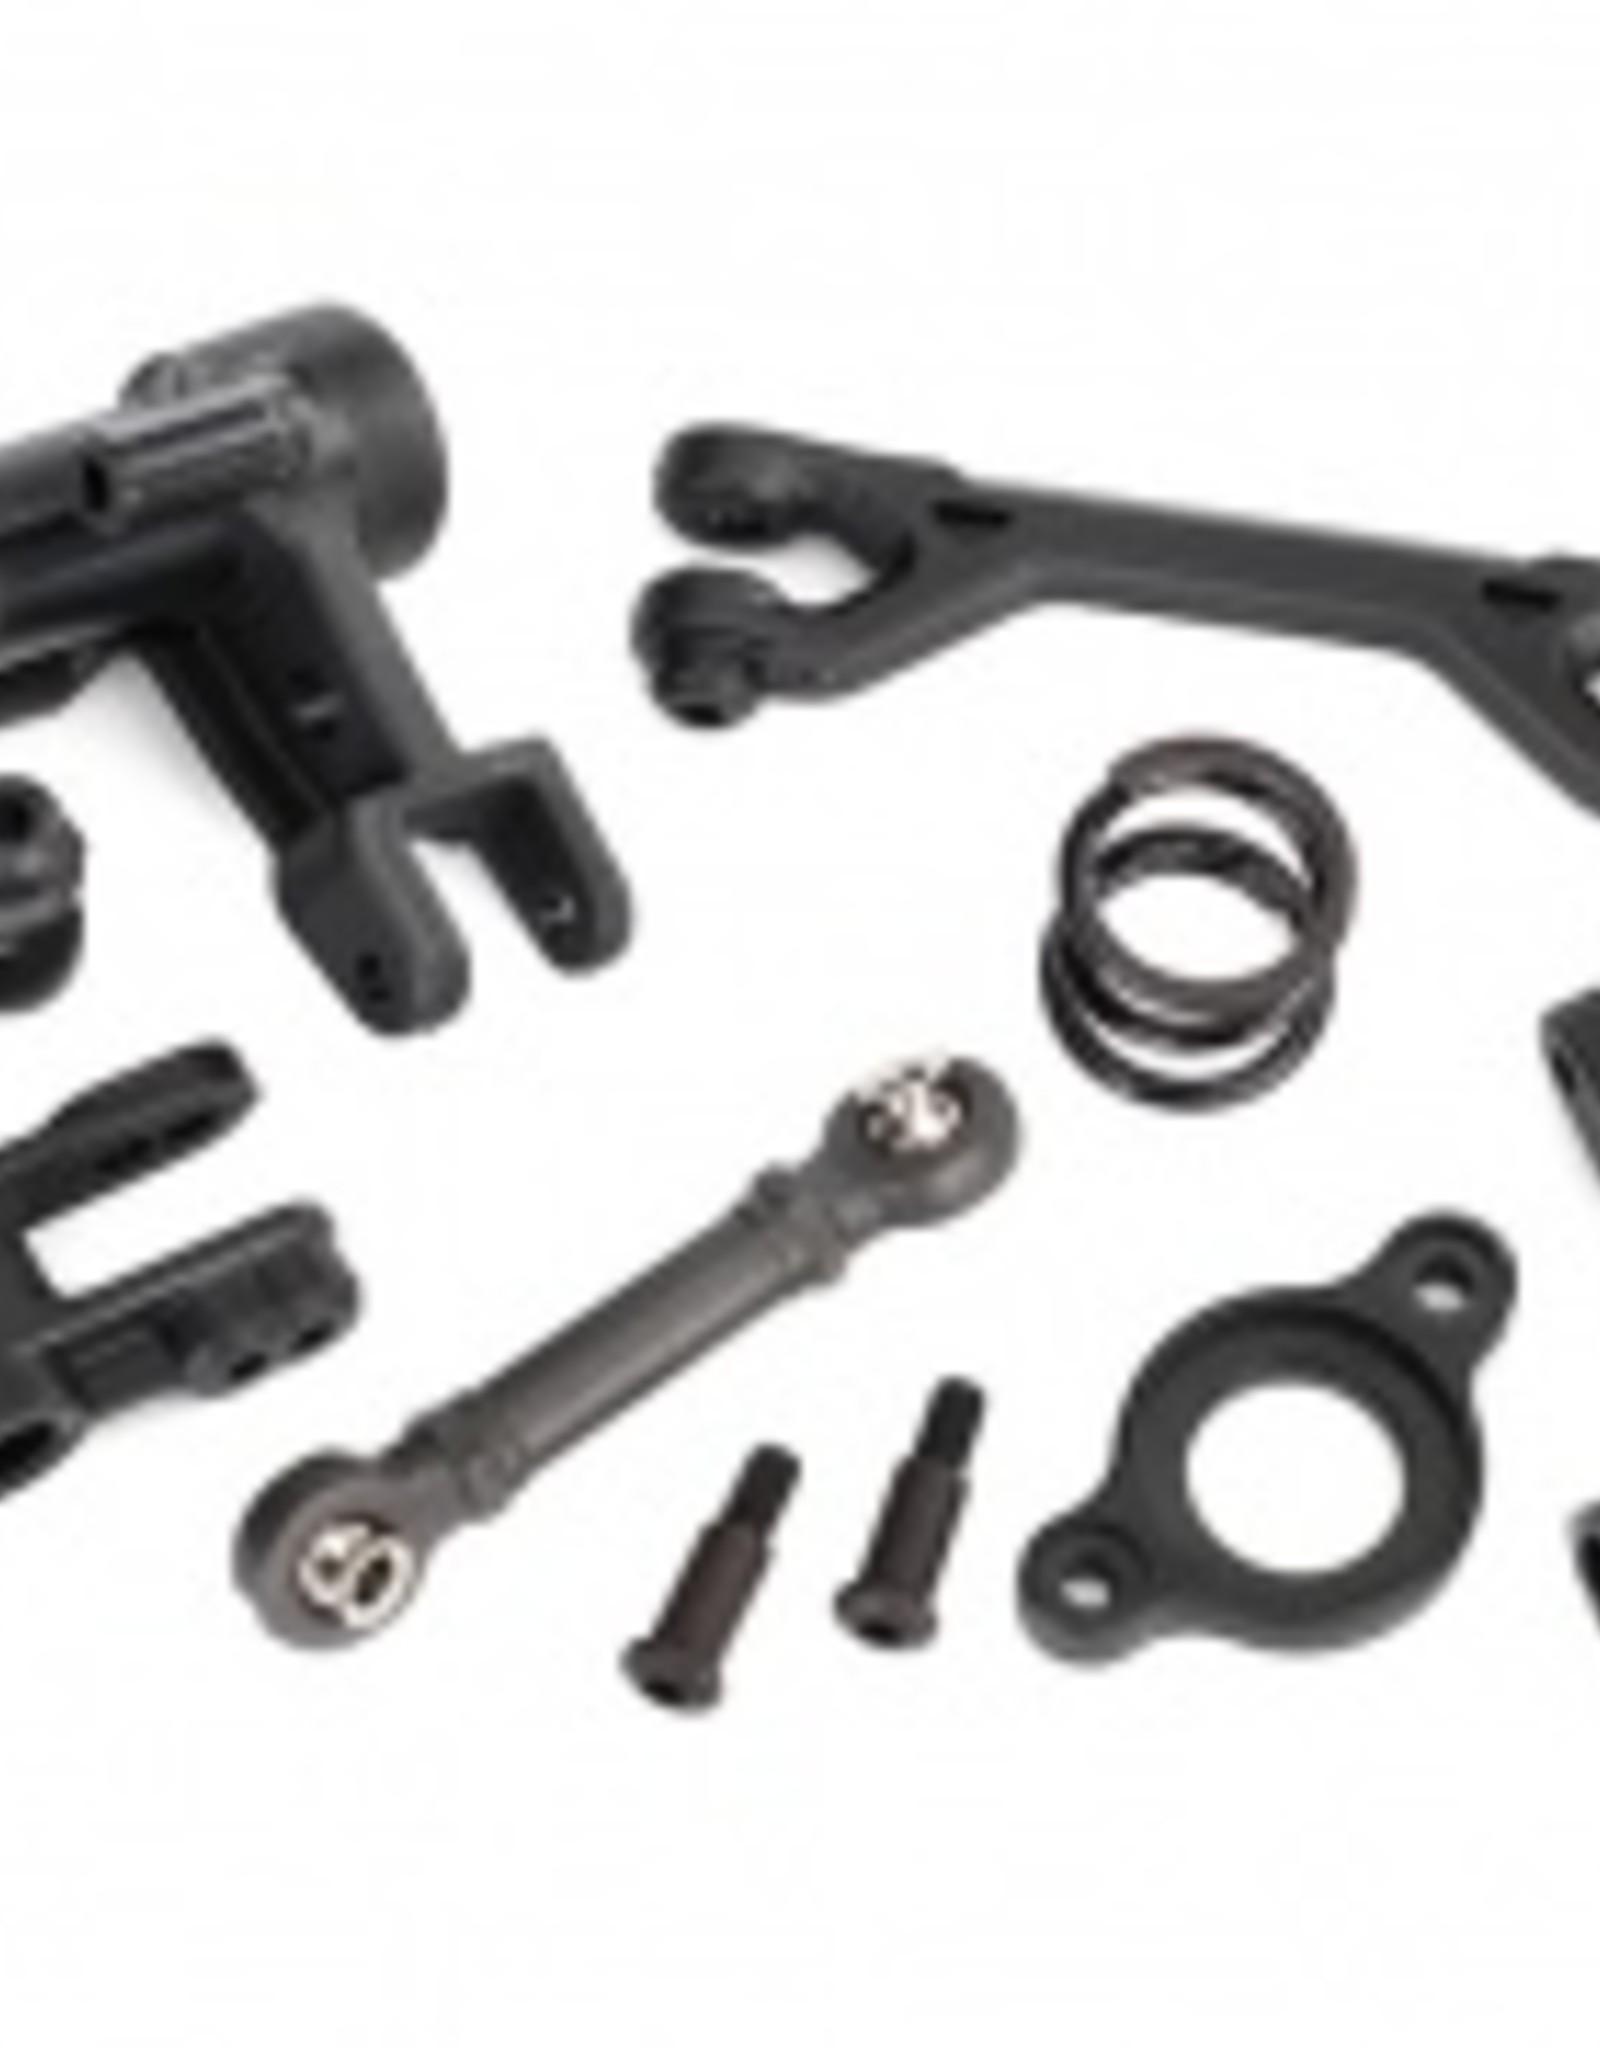 Traxxas Traxxas Unlimited Desert Racer Steering bellcranks/ servo saver/ servo saver spring/ servo spring retainer/servo horn, steering